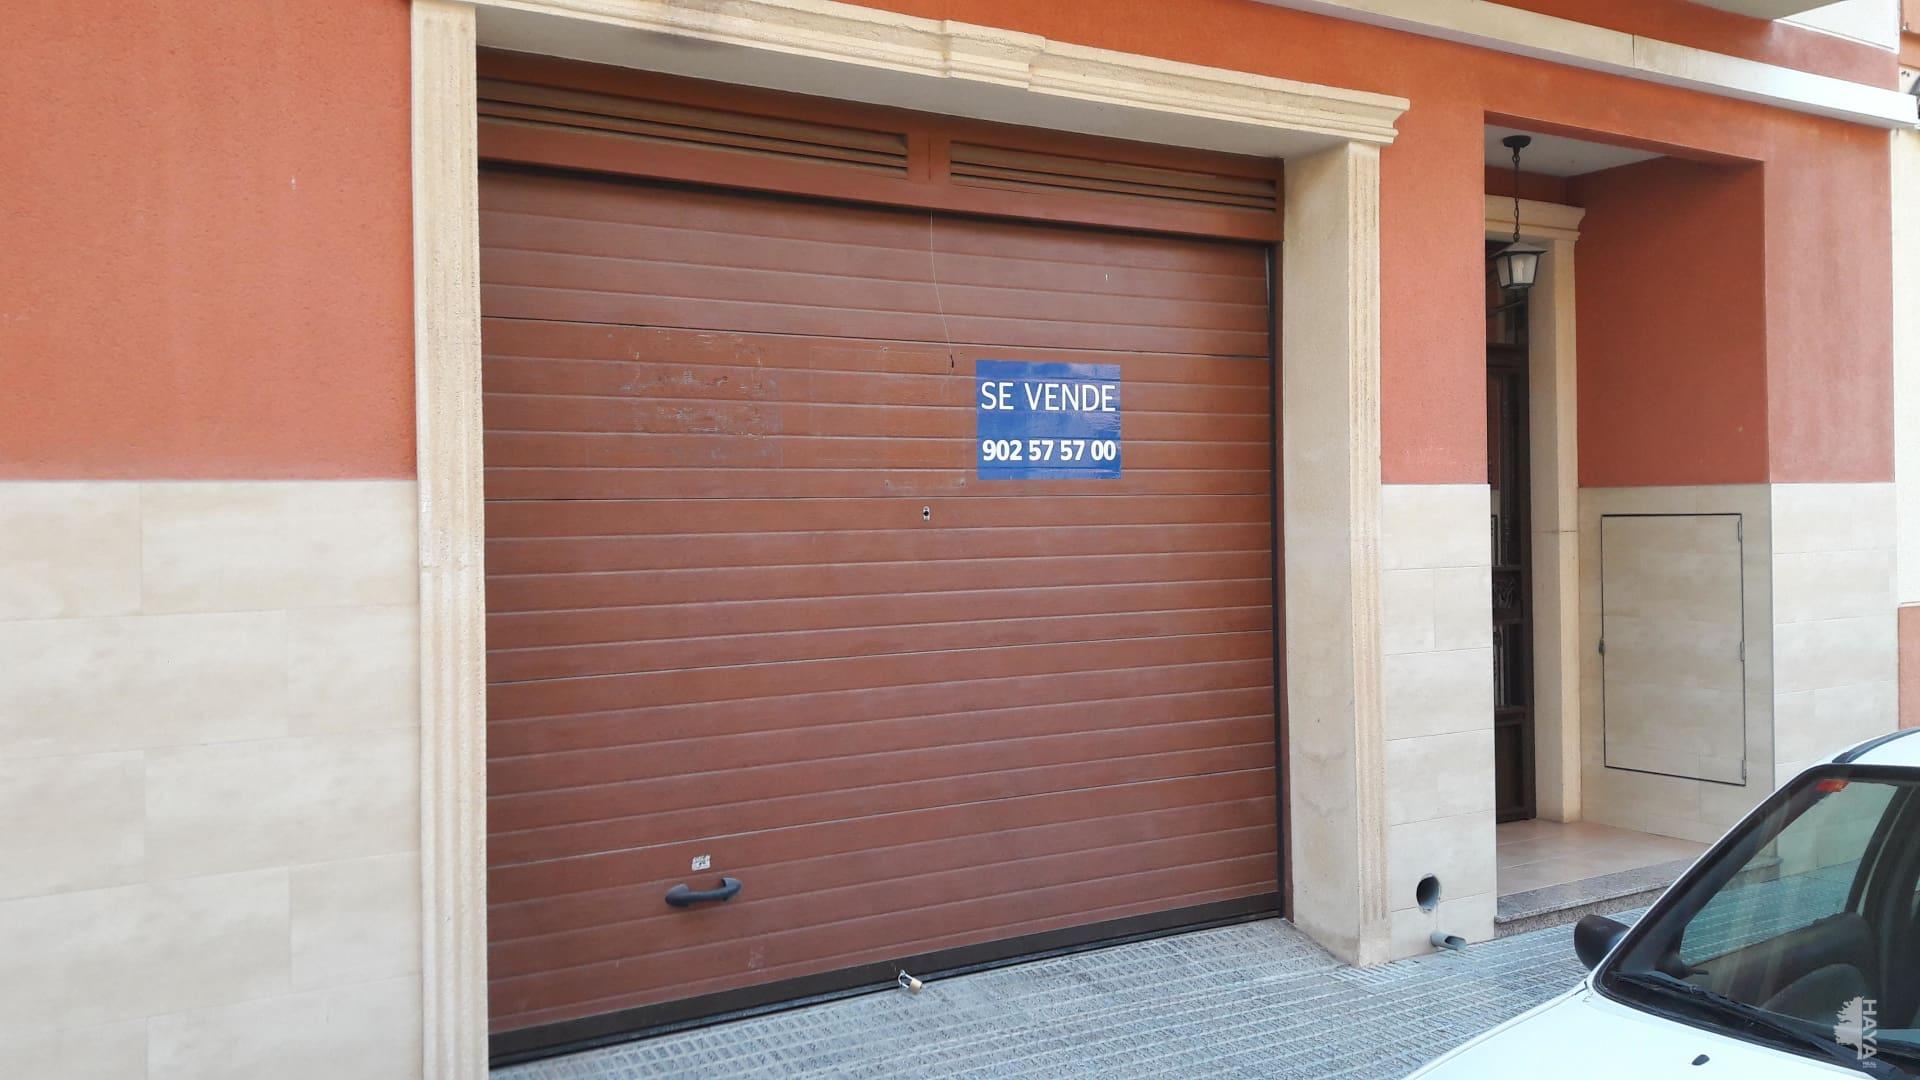 Local en venta en Almoradí, Alicante, Calle Donadores, 44.800 €, 97 m2